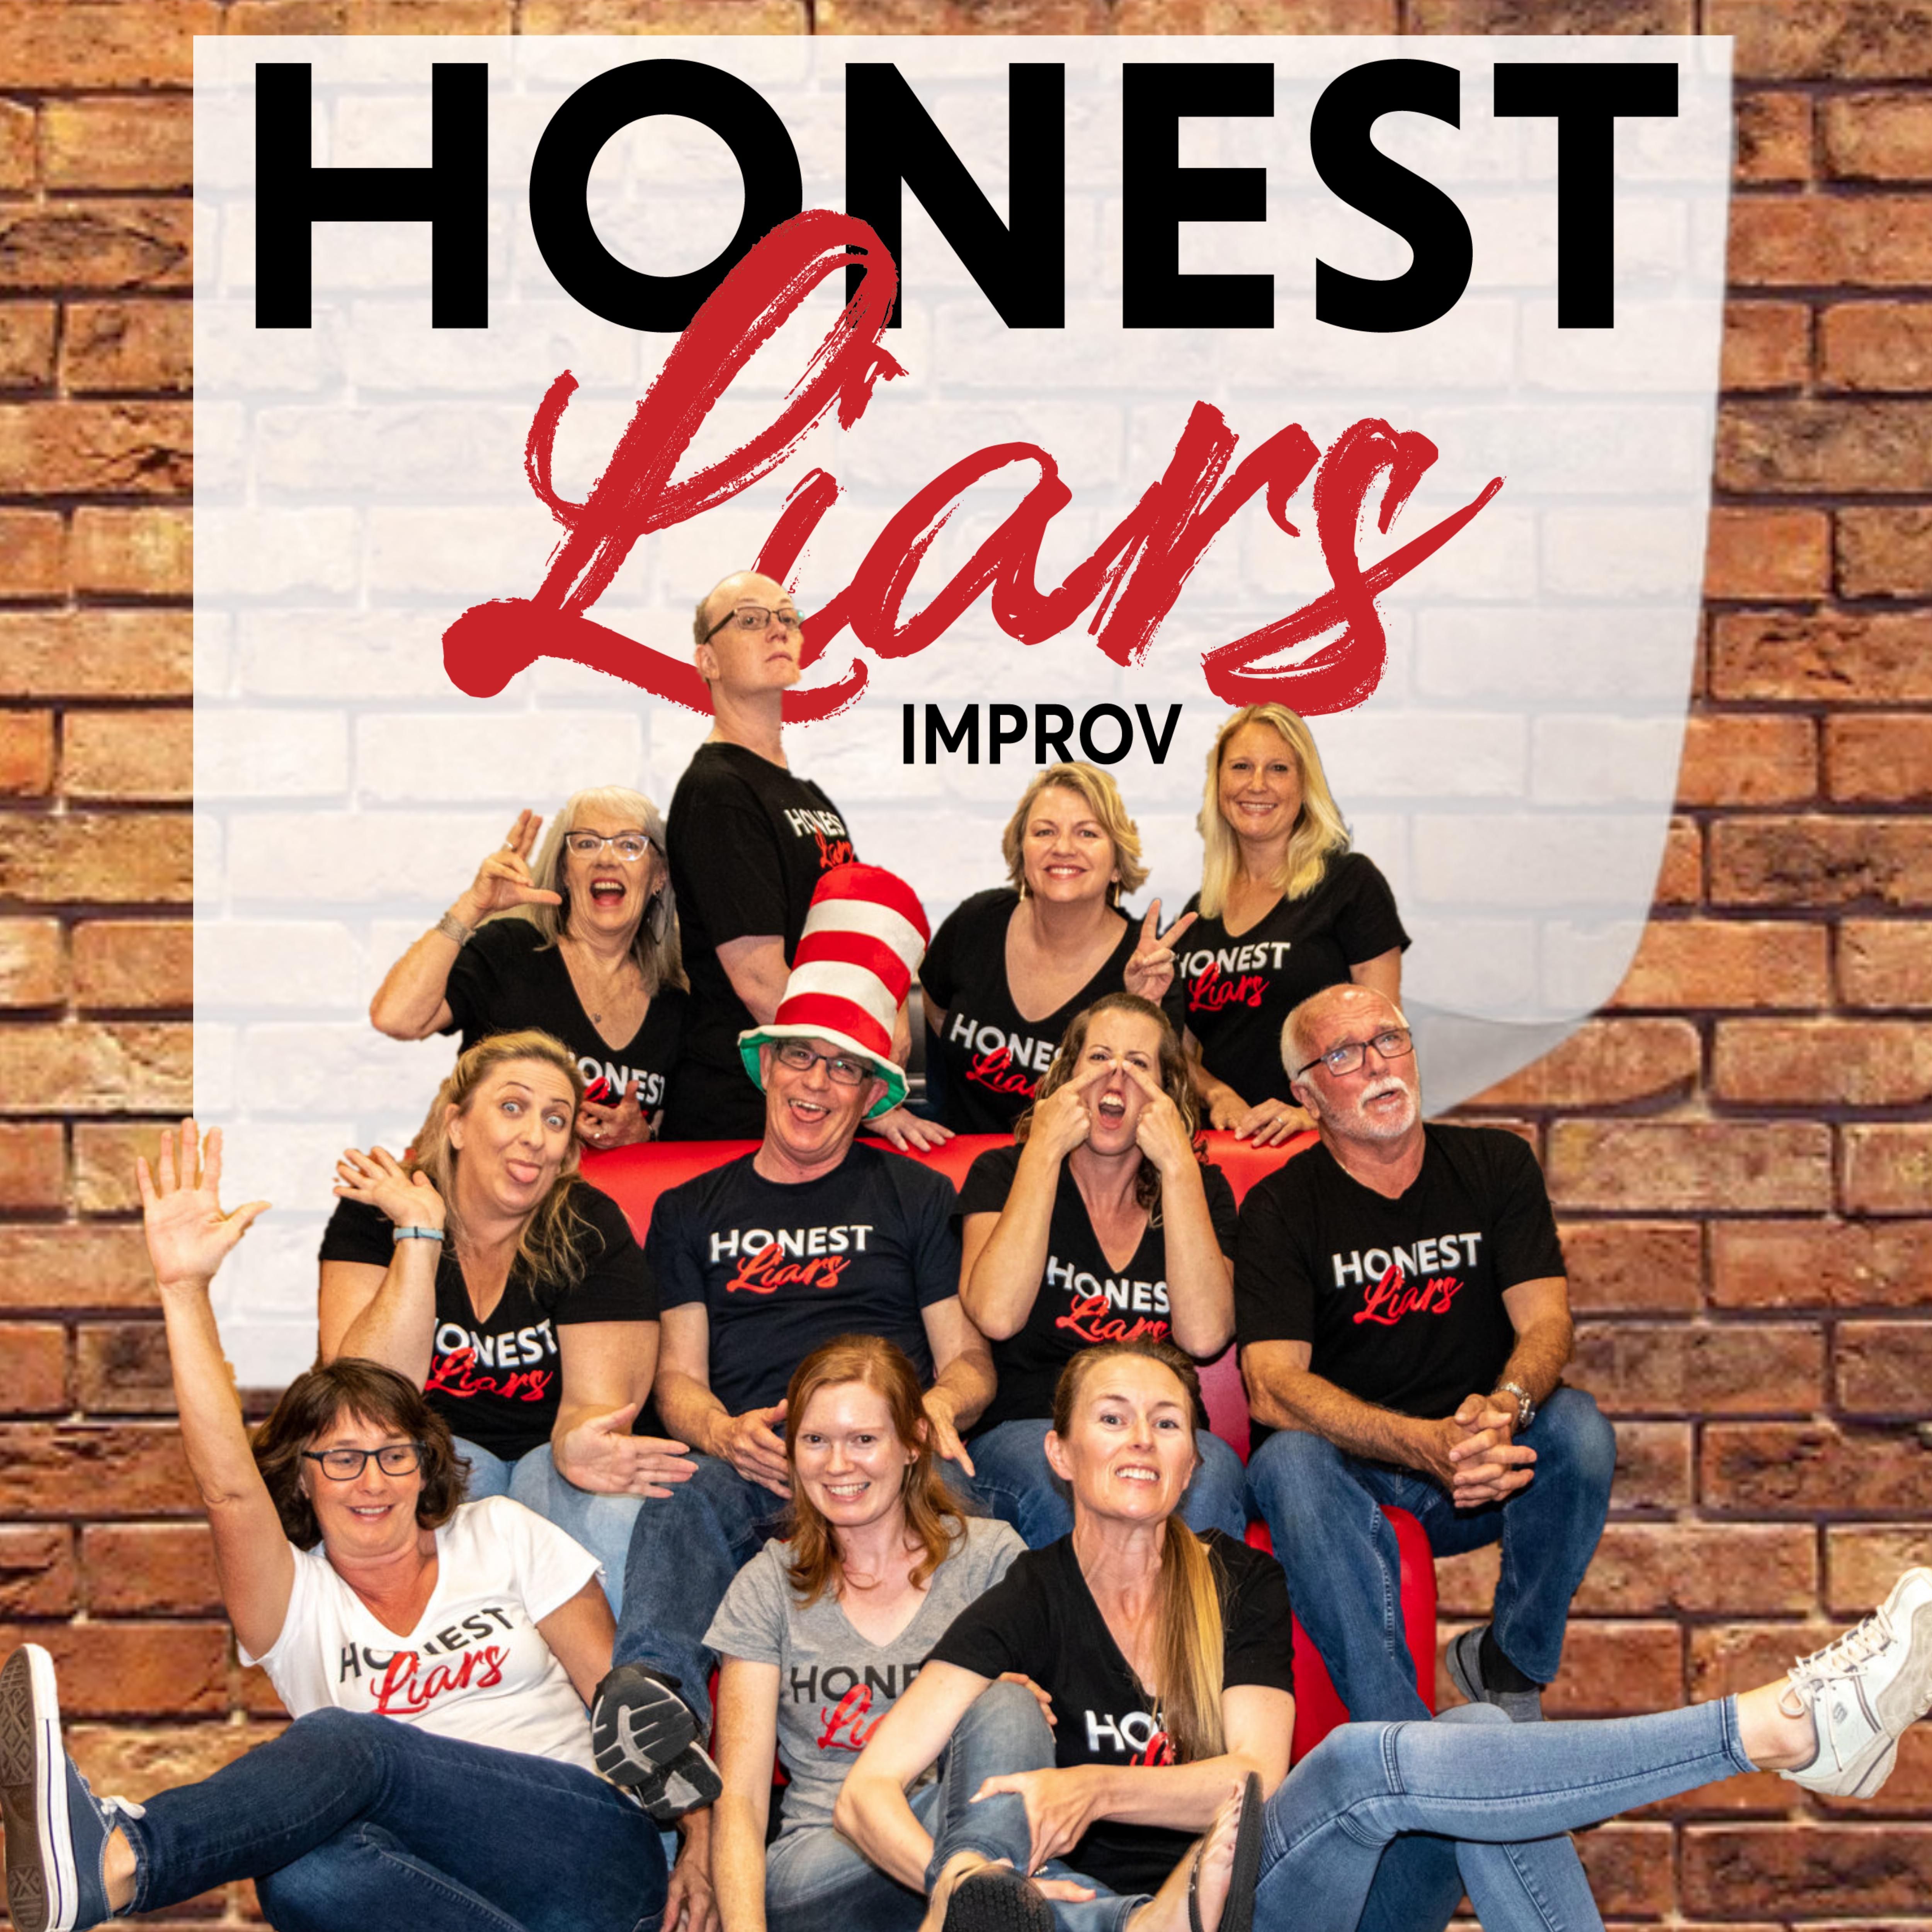 Team improv comedy sessions